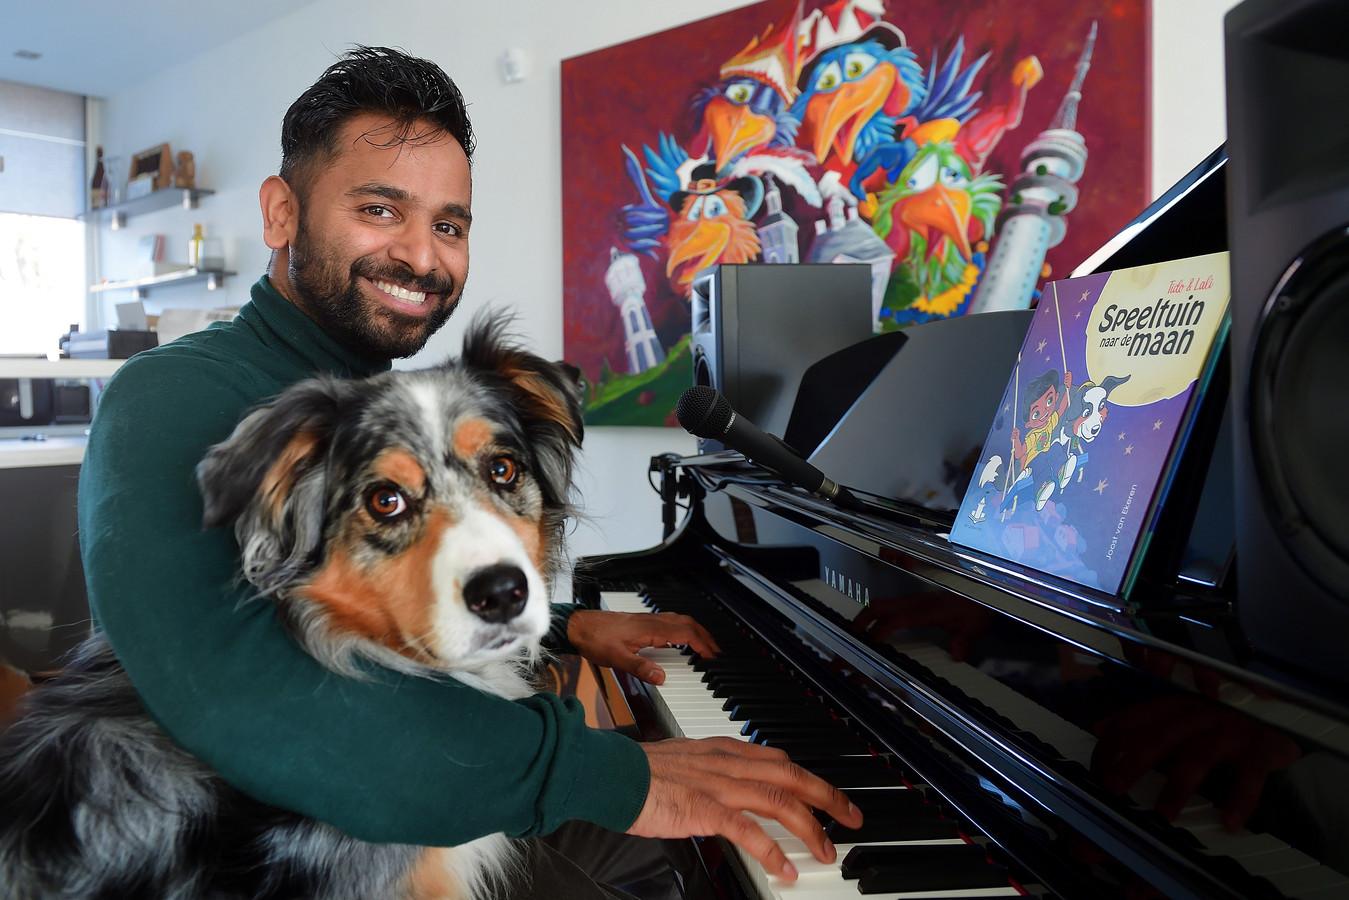 Kkinderboekenschrijver Joost van Ekeren met zijn hond Fellow, waarover hij een kinderboek heeft geschreven.